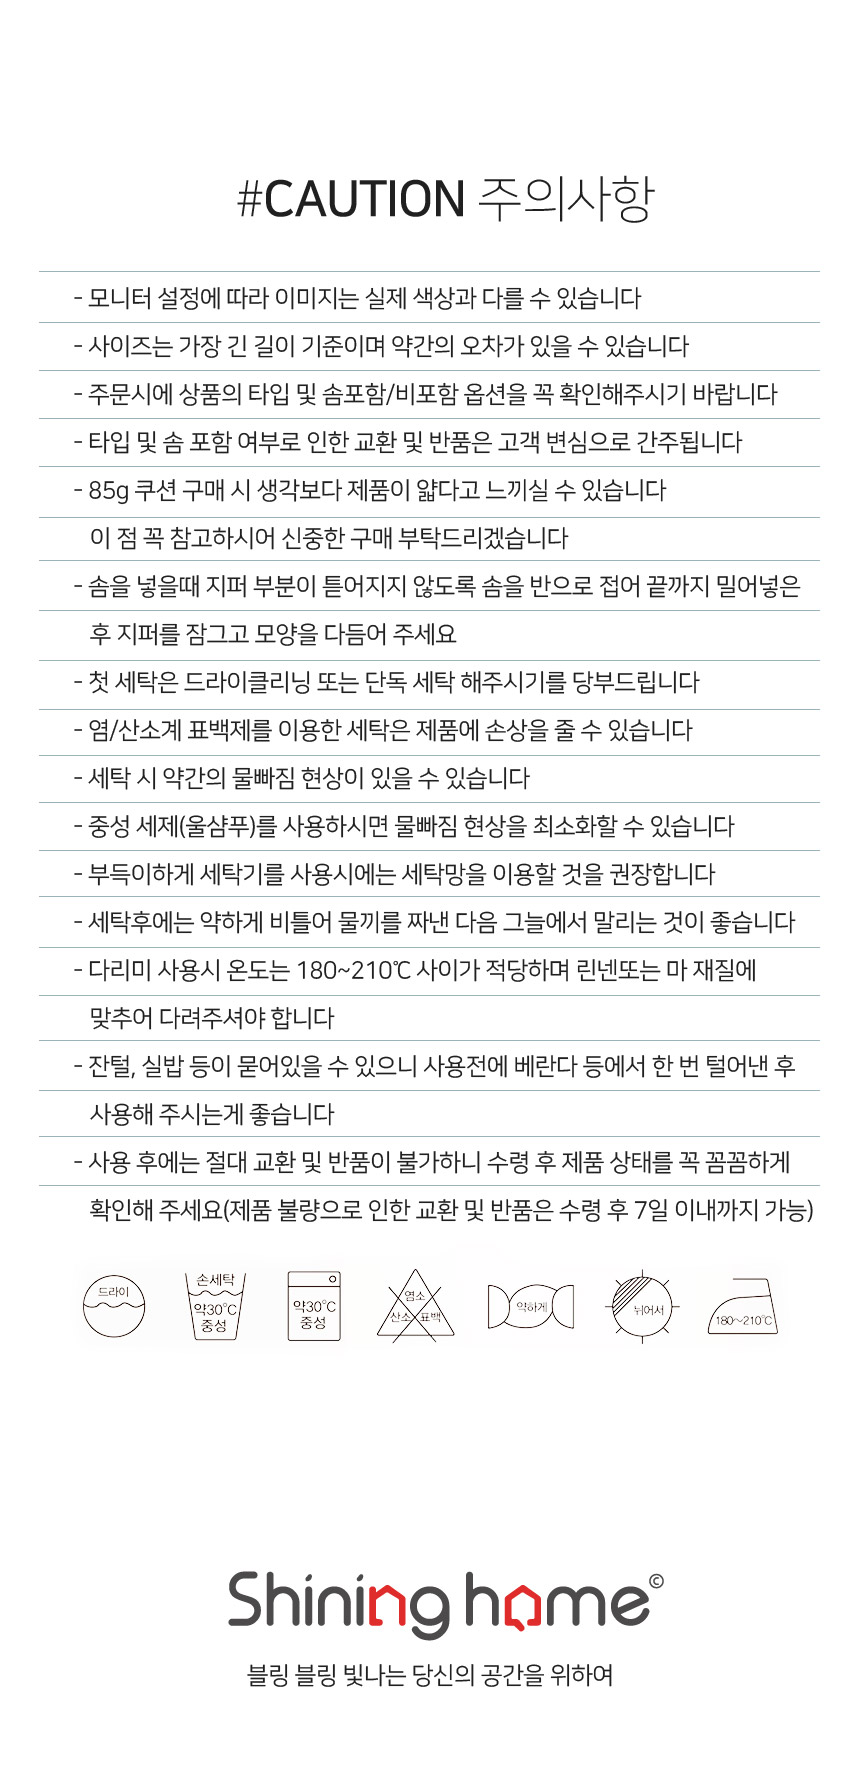 러프 소파 쿠션커버 45x45 비비드선인장 - 샤이닝홈, 6,900원, 쿠션커버, 쿠션커버